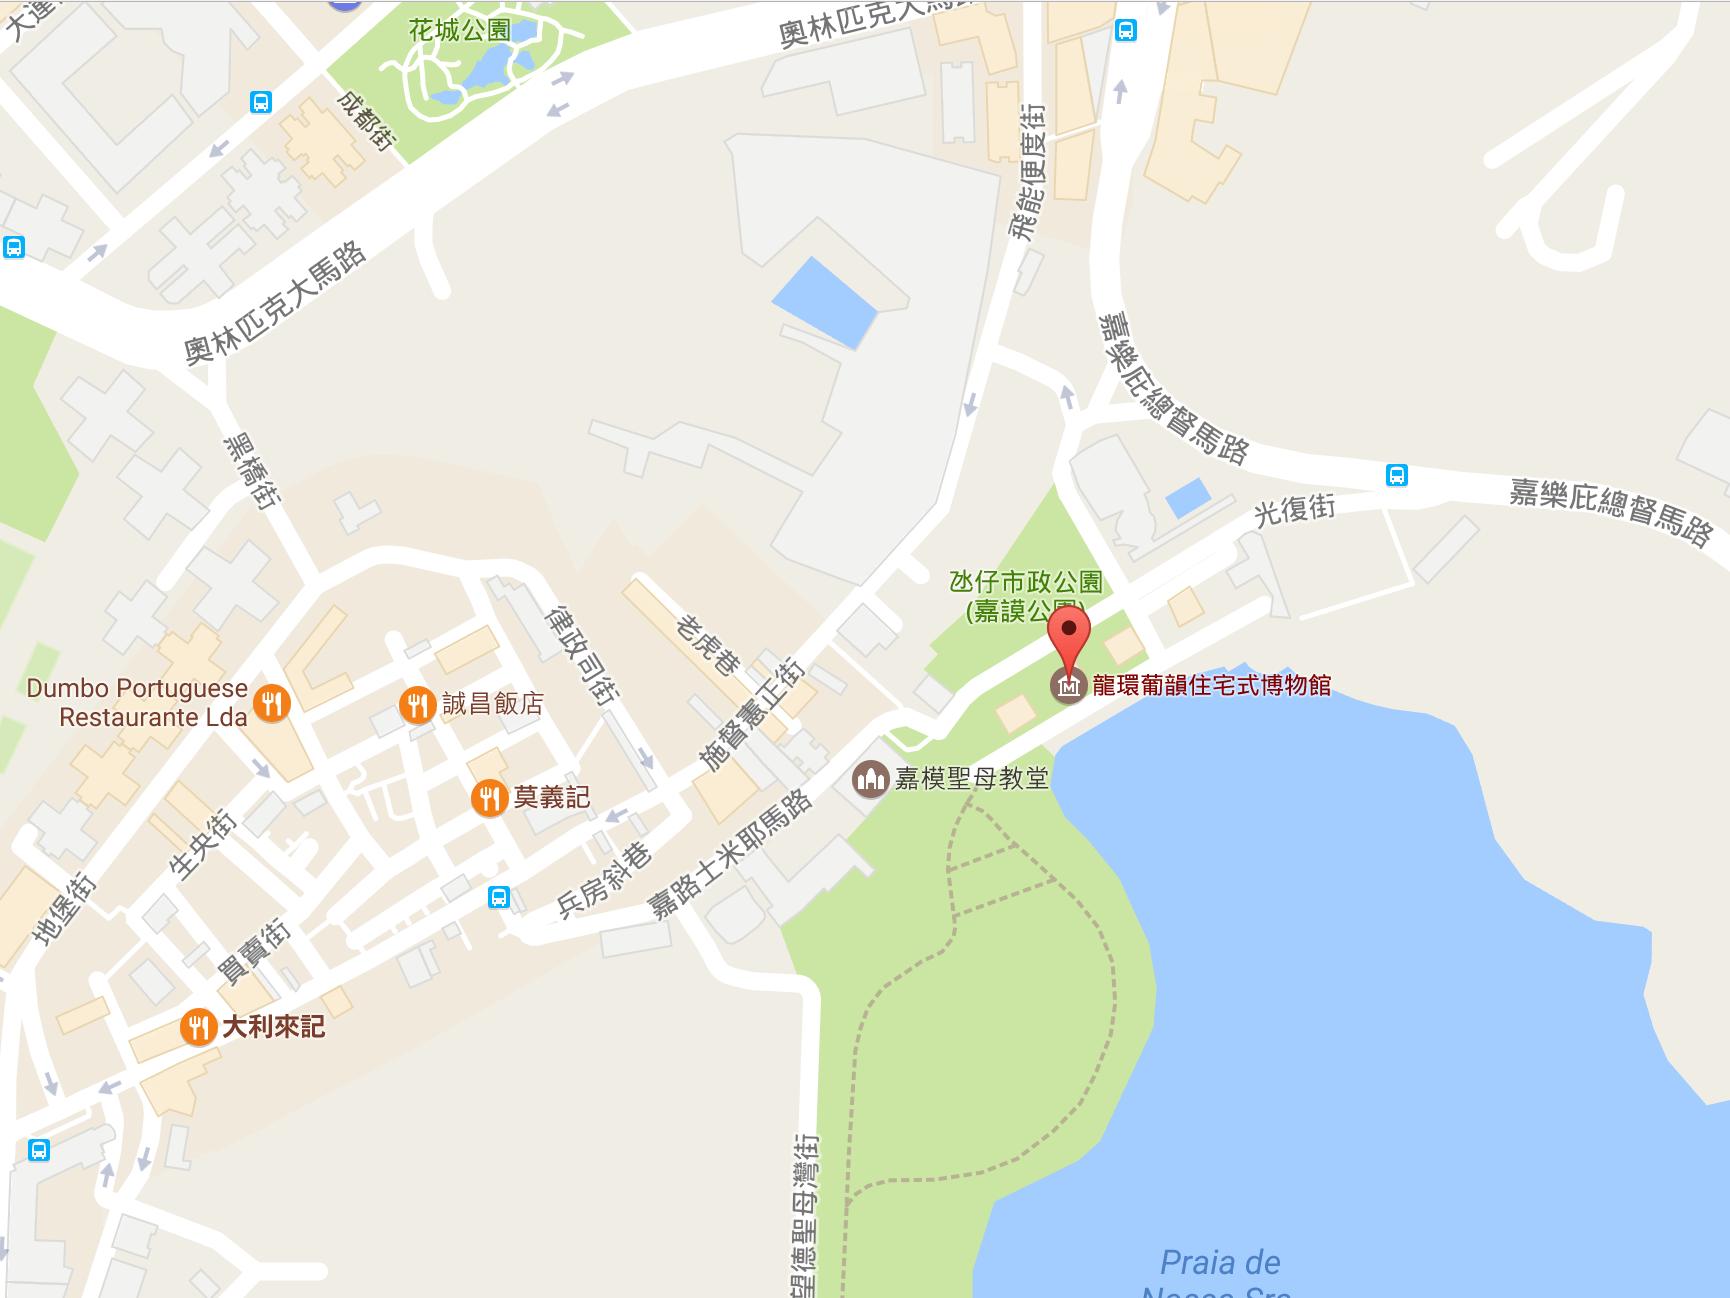 澳门龙环葡韵地图